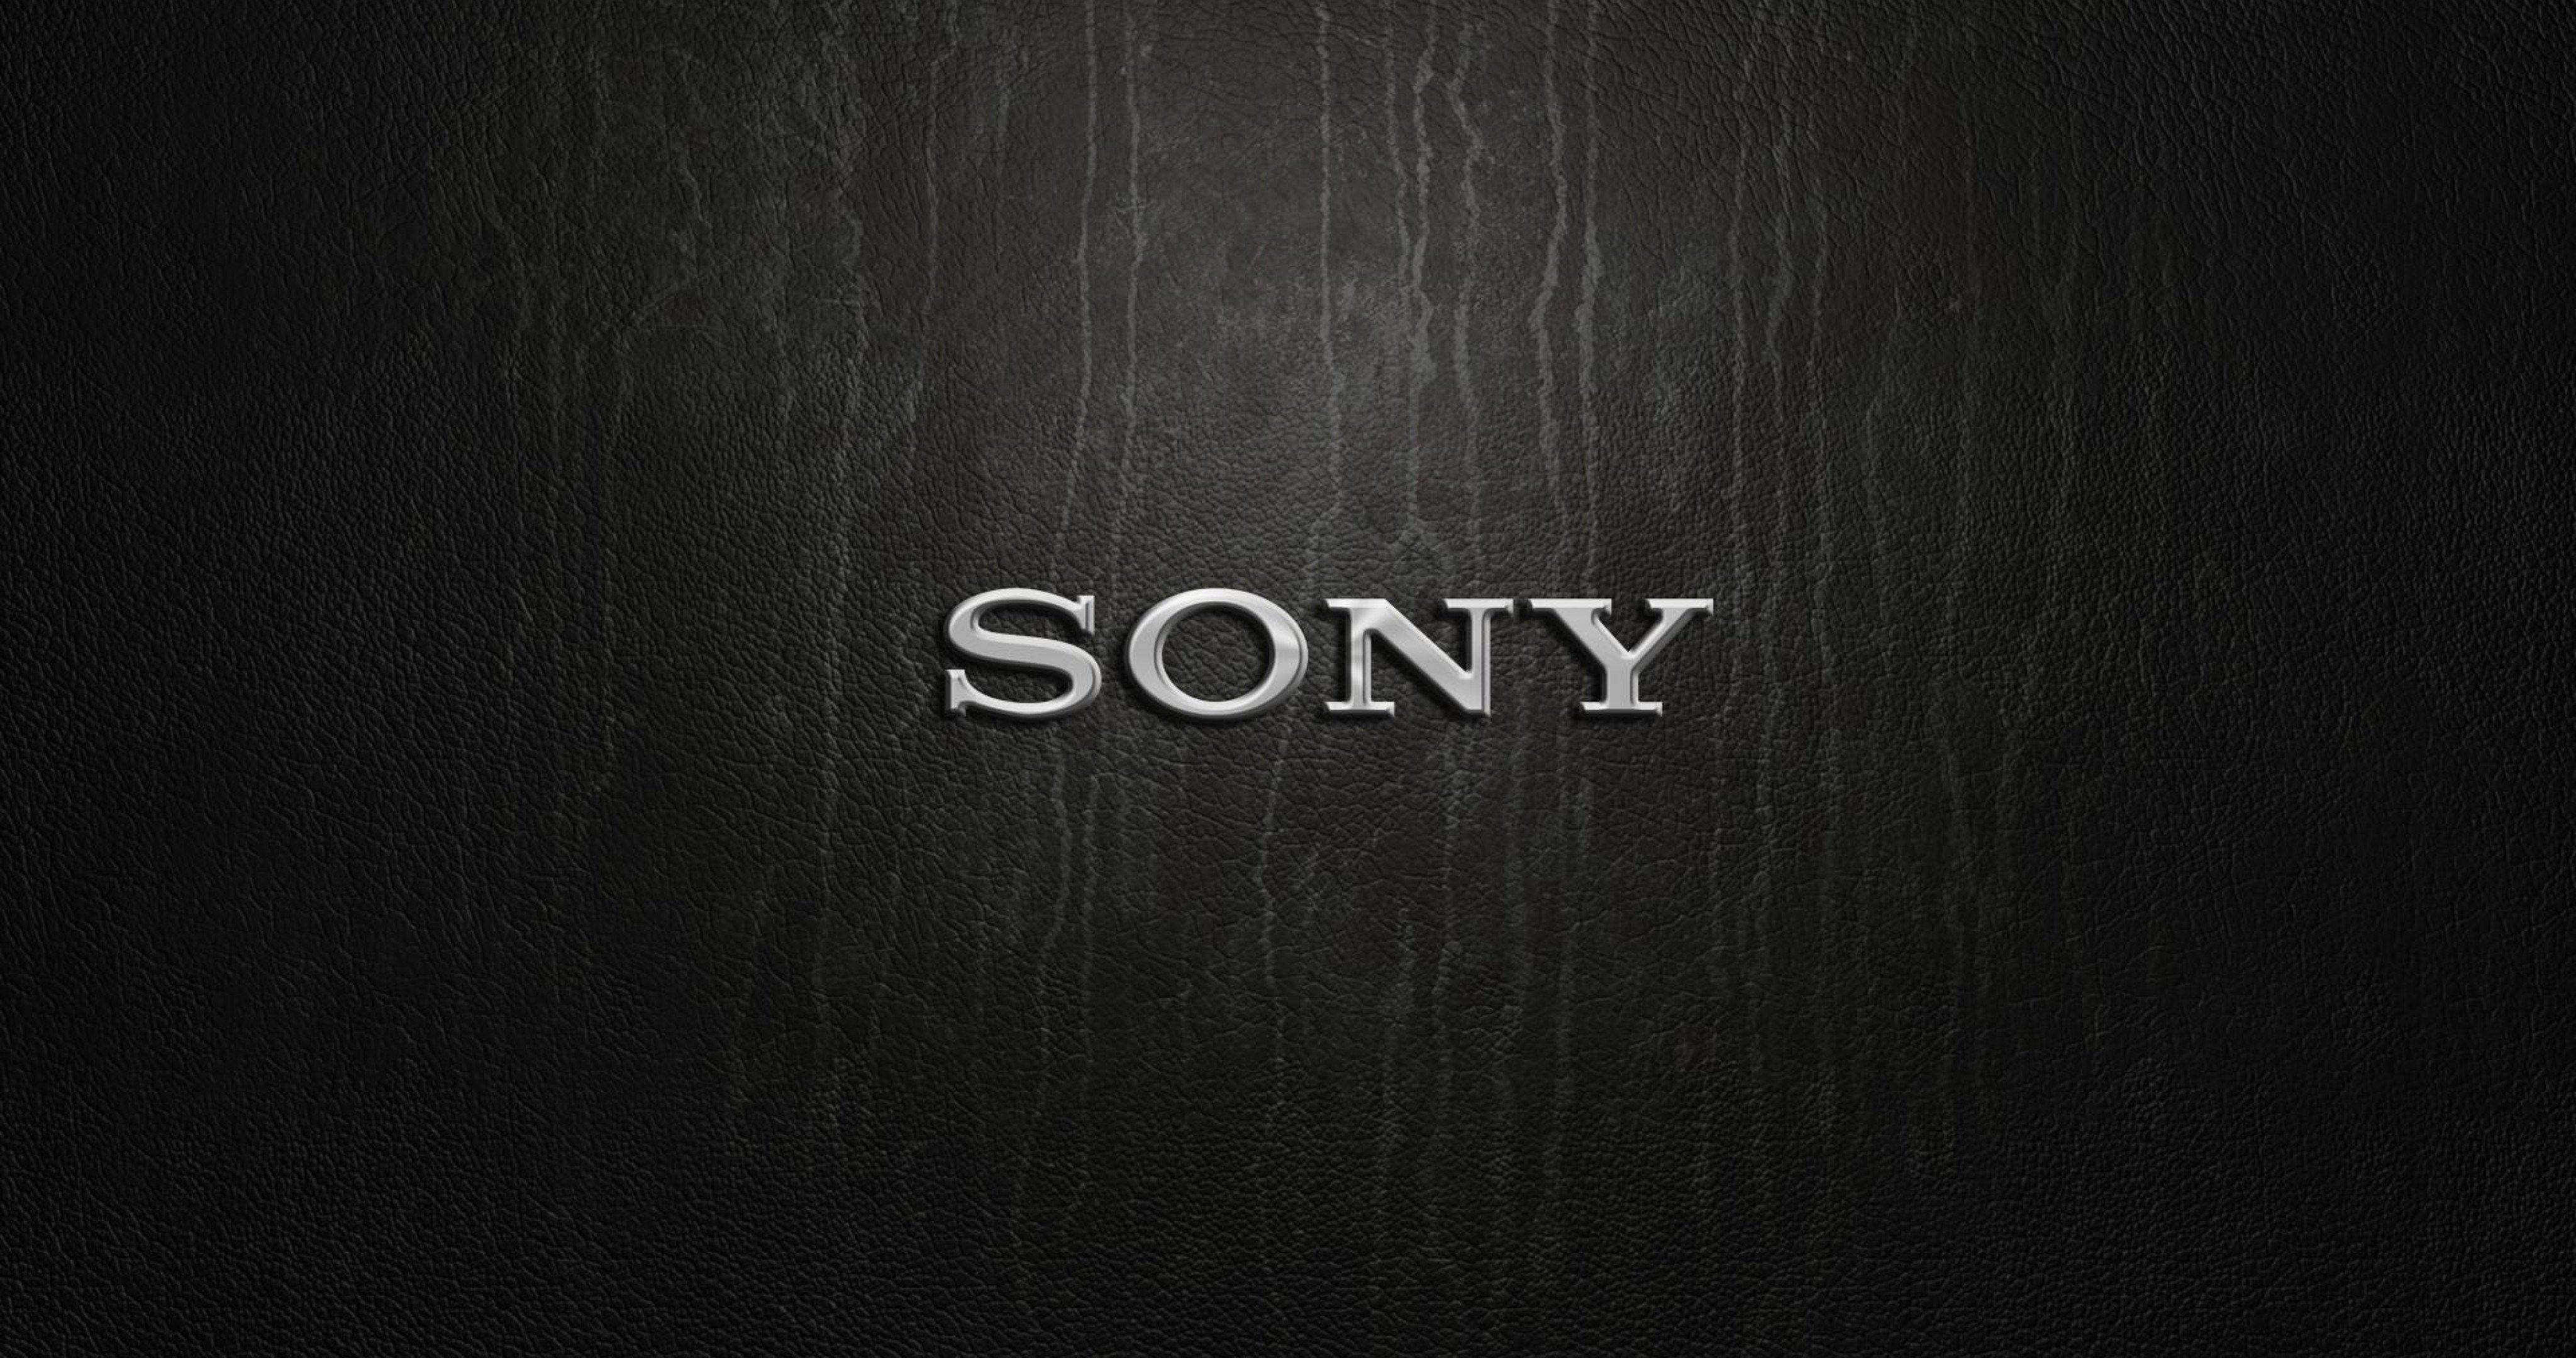 sony logo 4k ultra hd wallpaper   sharovarka   pinterest   hd